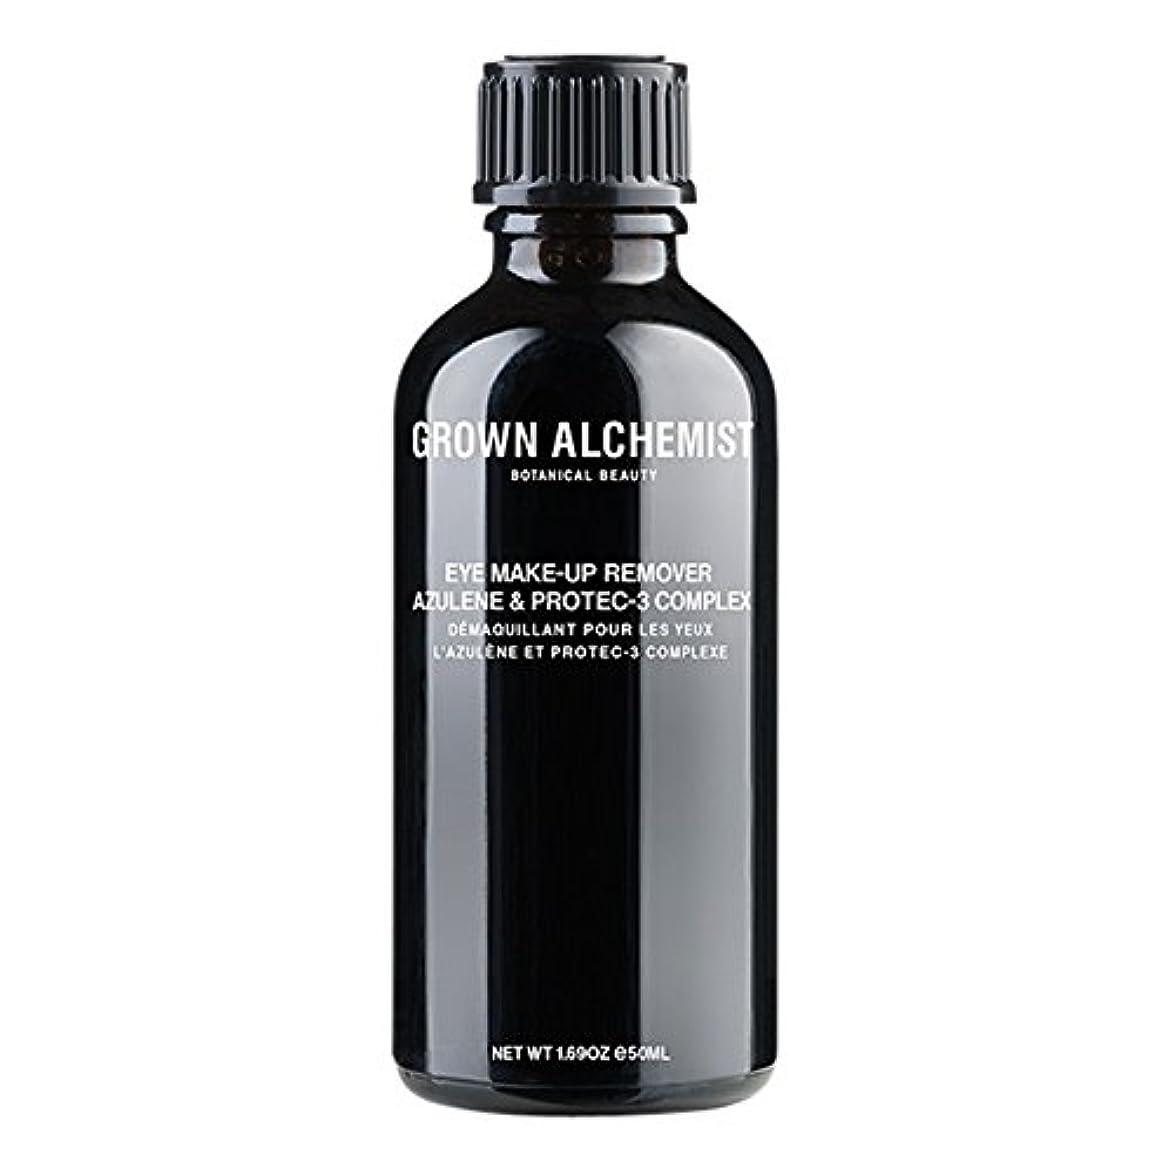 依存ポジション着る成長した錬金術師アズレン&Protec-3アイメイクアップリムーバーの50ミリリットル (Grown Alchemist) - Grown Alchemist Azulene & Protec-3 Eye-Makeup...